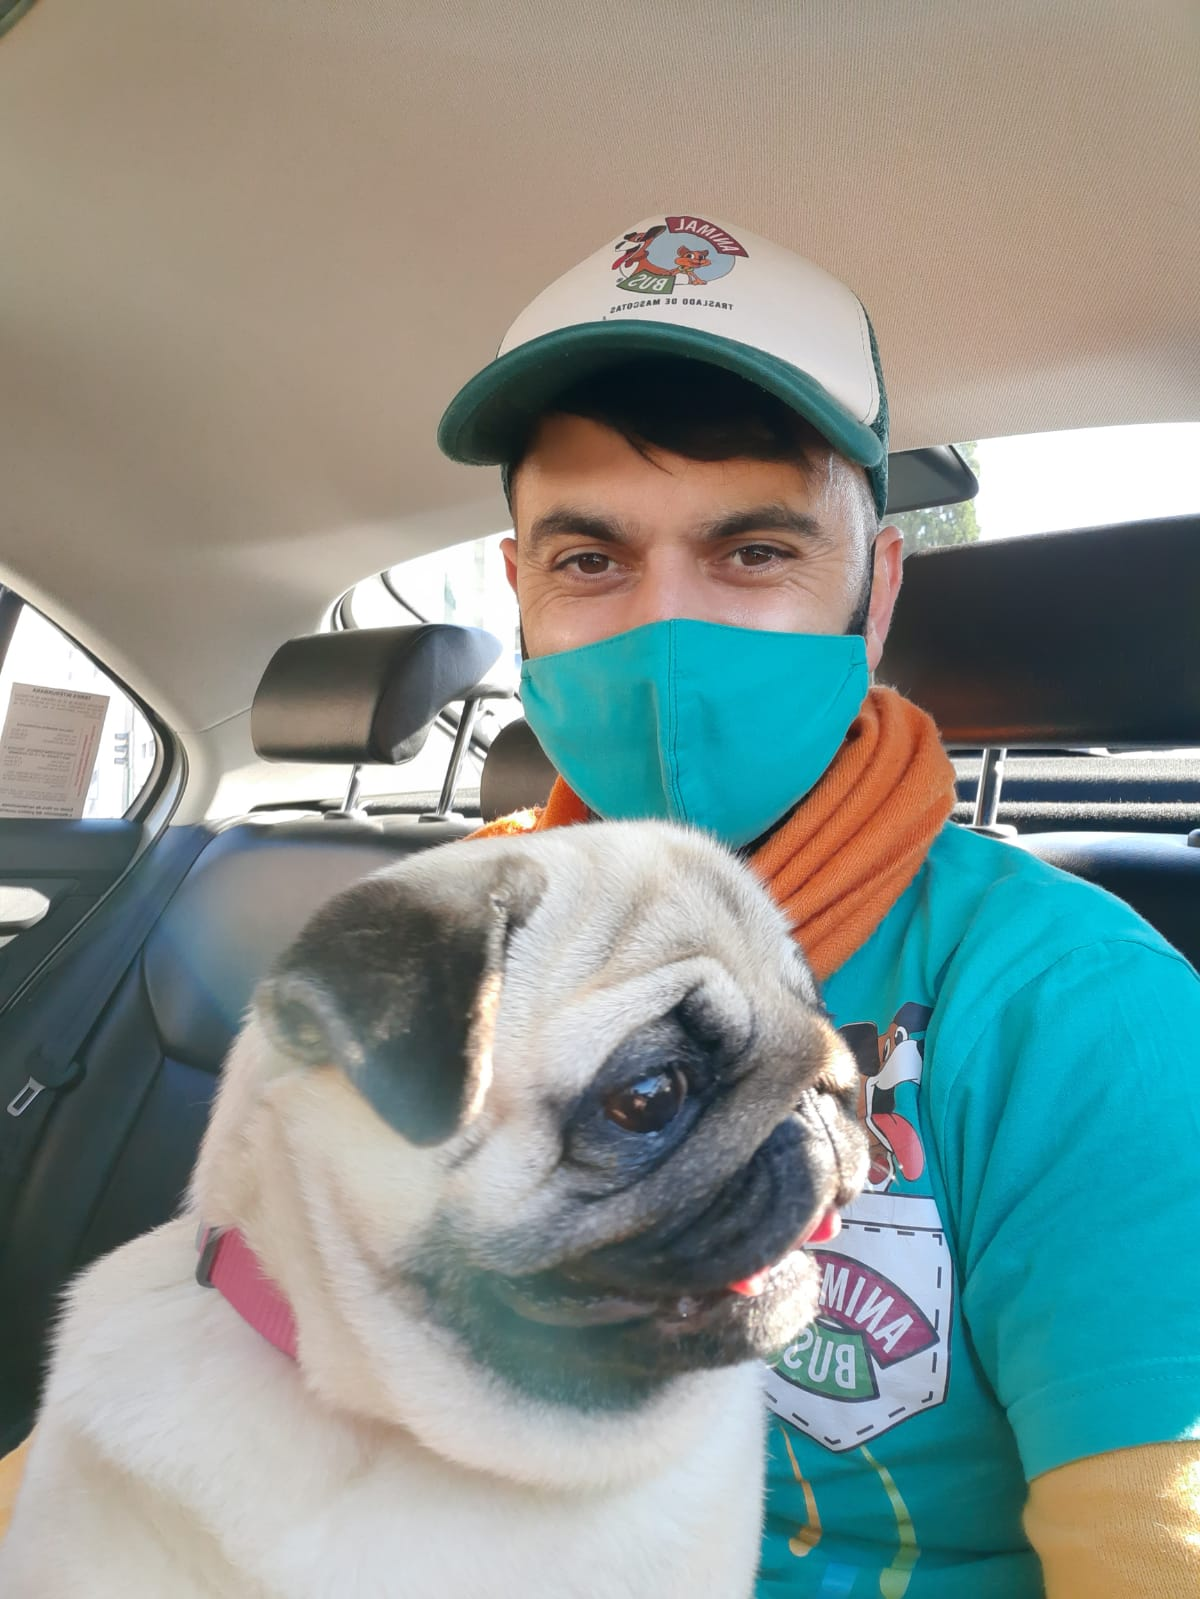 cachorro perro viajando en un auto